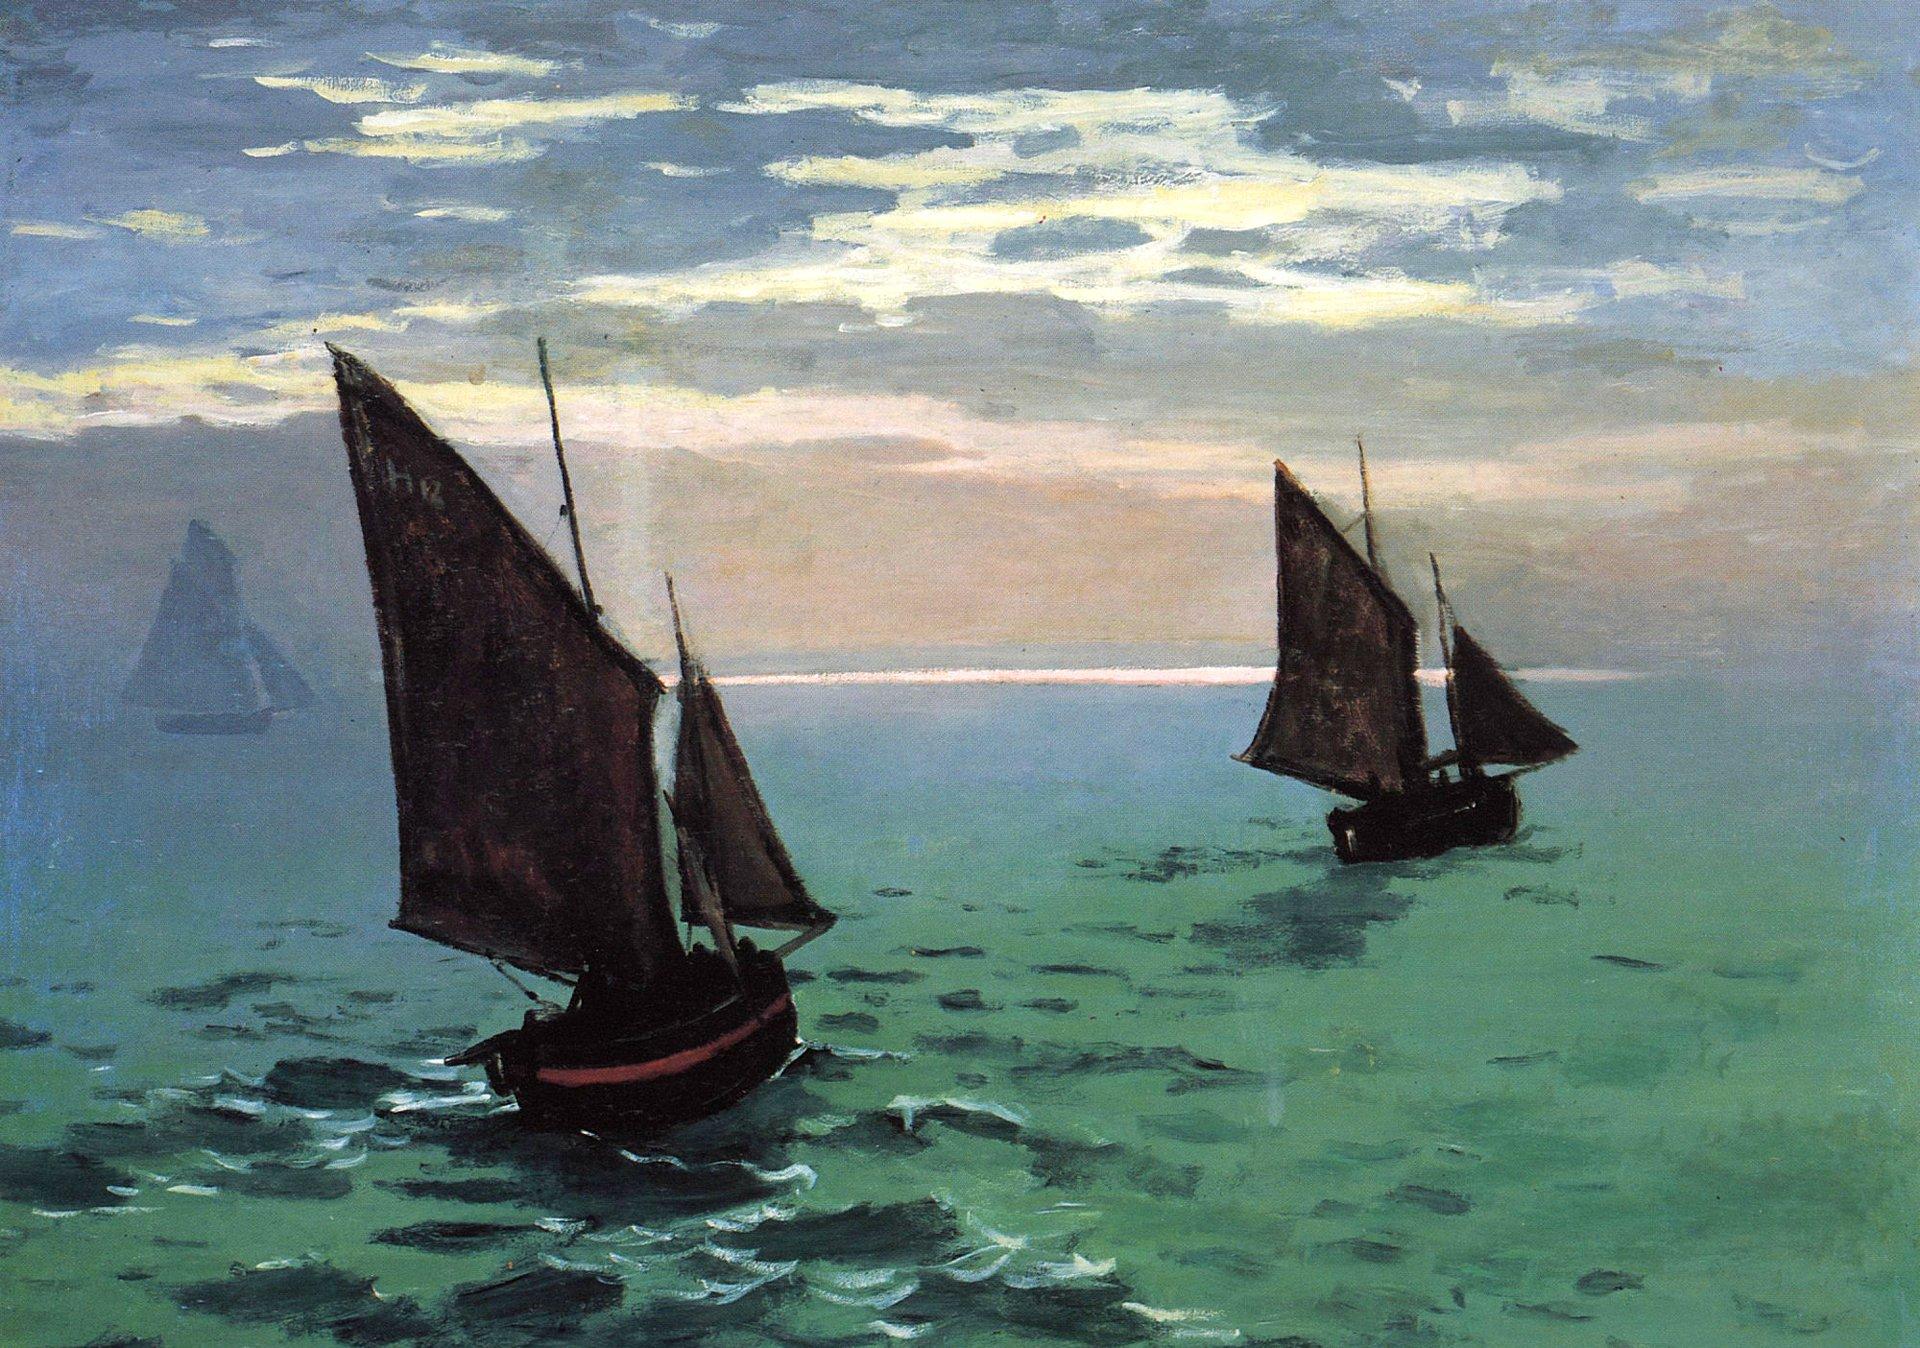 Artistic - Painting  Sailboat Ocean Wallpaper